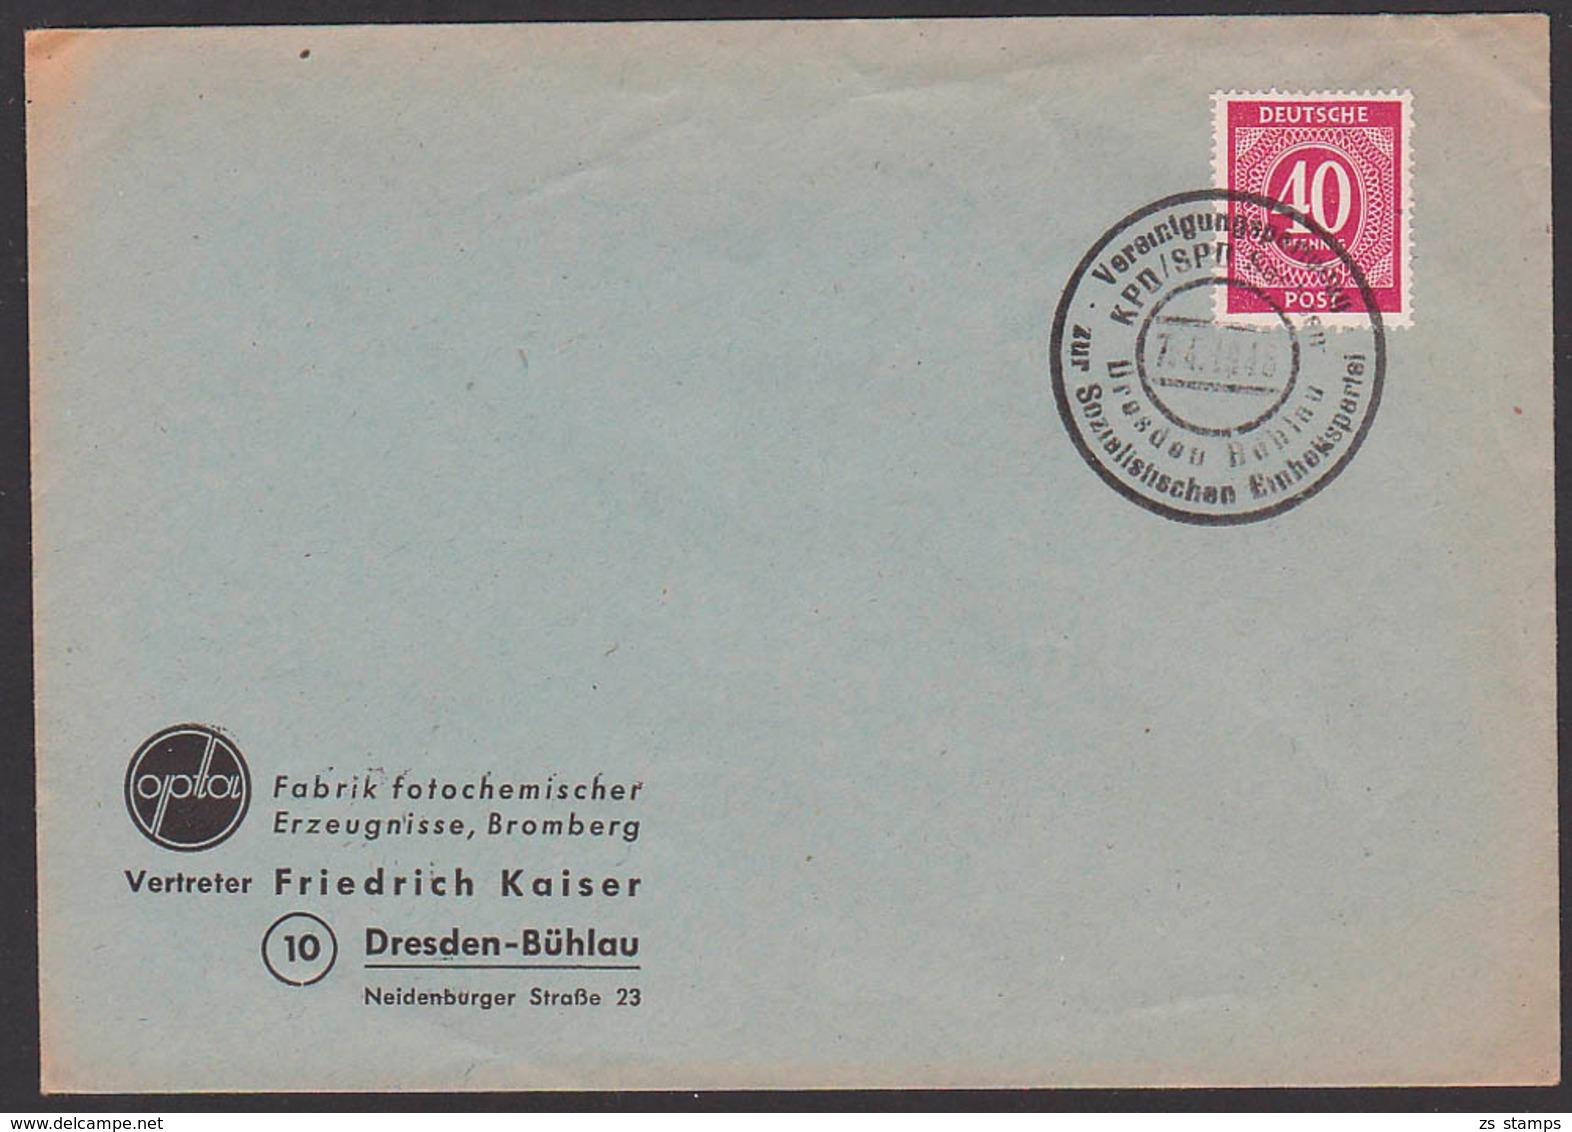 Partei Vereinigungsparteitag KPD/SPD Dresden Bühlau Zur SED Sozialistischen Einheitspartei Deutschlands 7.4.1946 - DDR